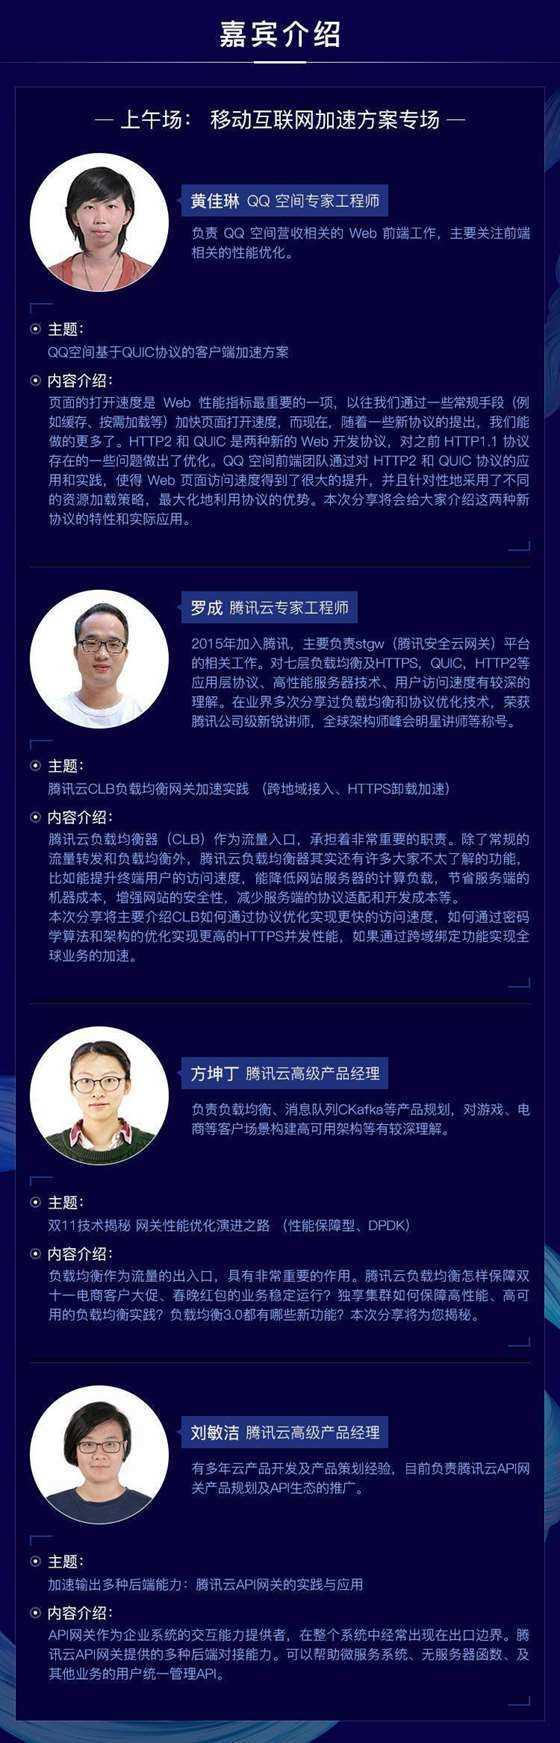 腾讯云微服务架构交流会页面_02.jpg